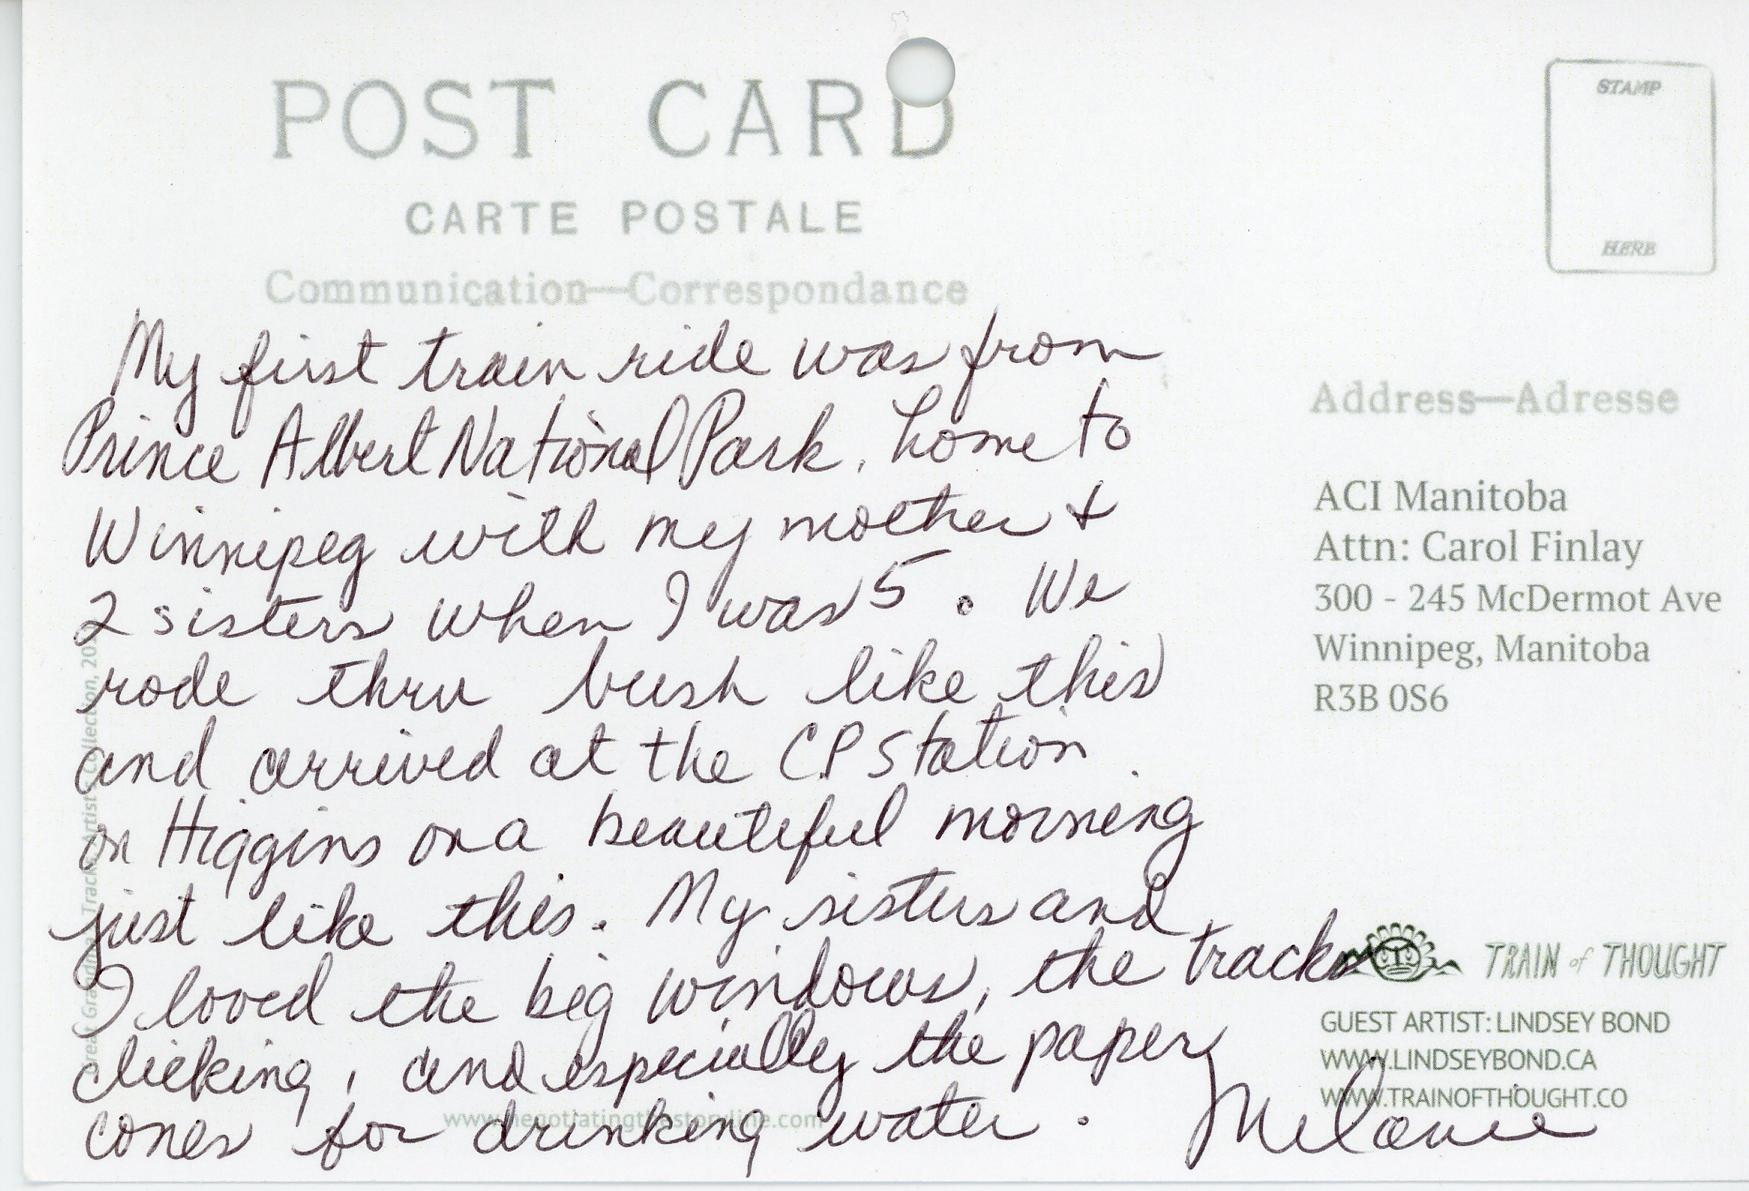 TOT_postcard016.jpg